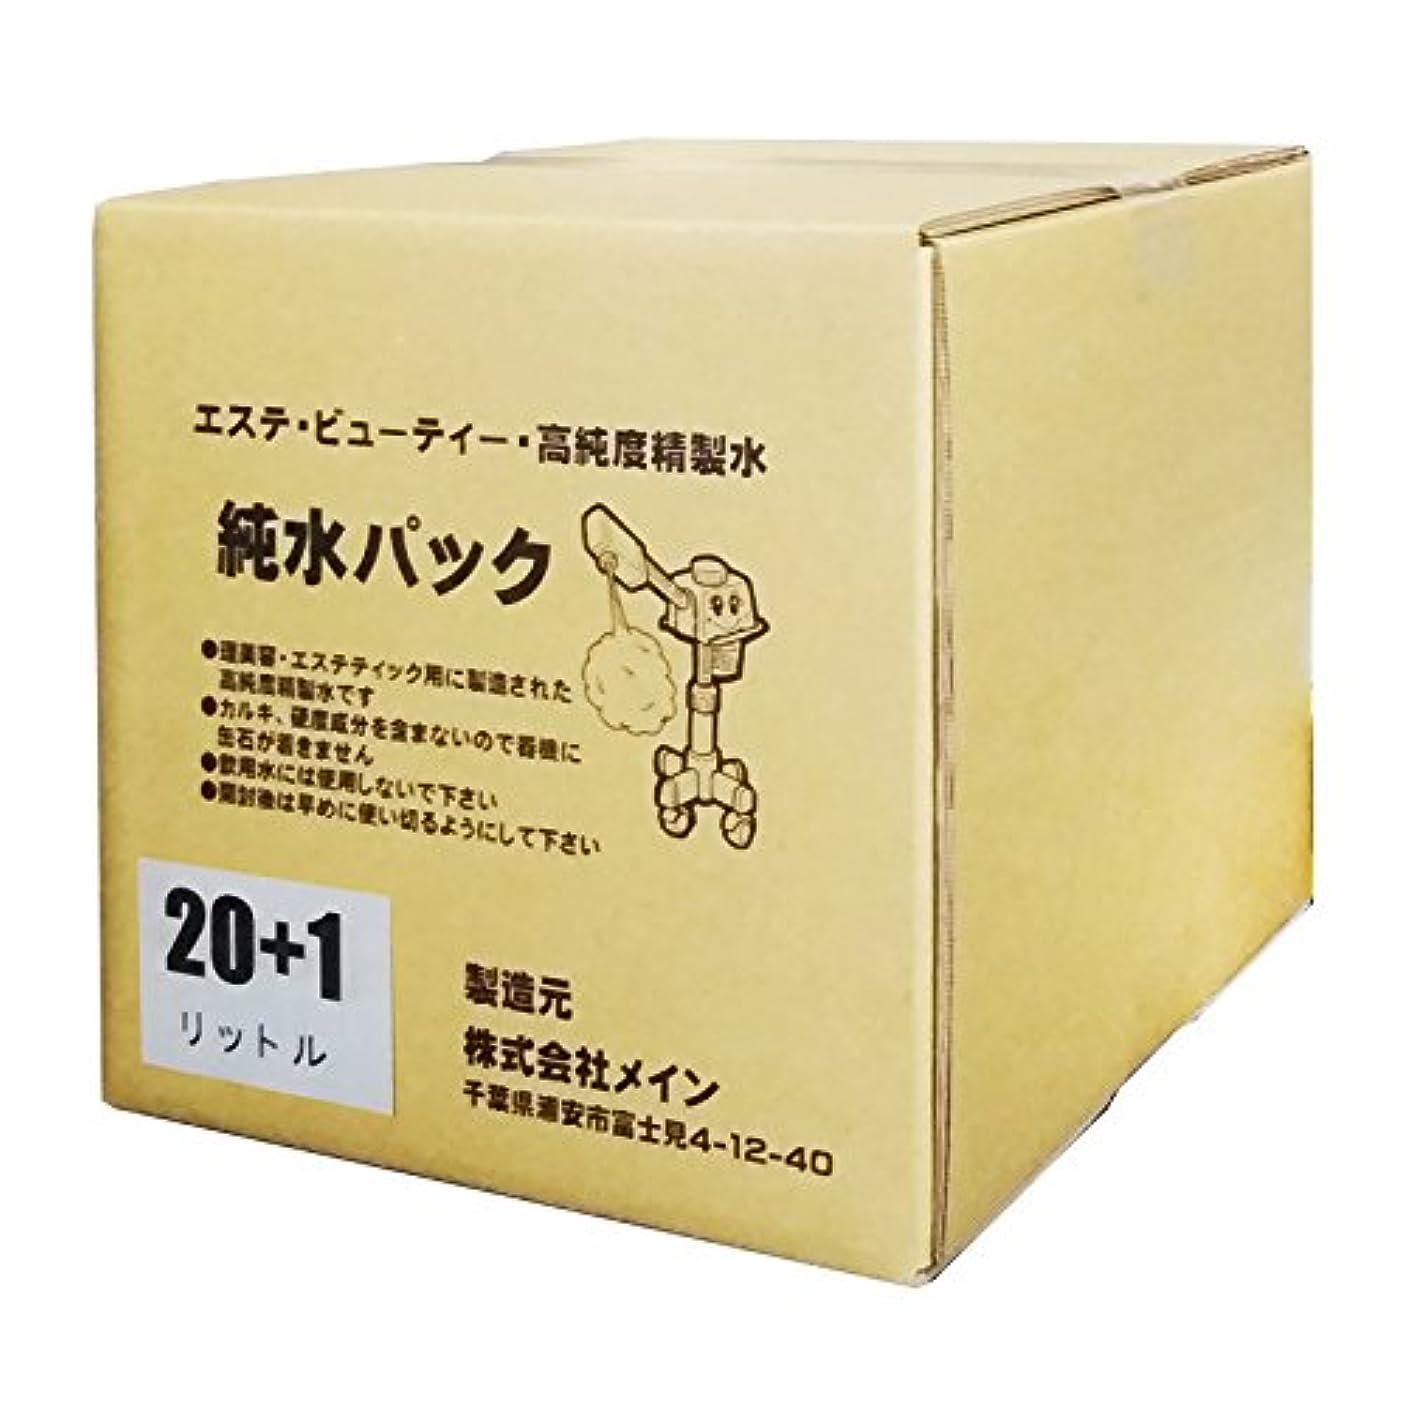 スケートファイバ花火増量中 21L 高純度 精製水 20 L + 1L 純水パック コック付 日本製 エステ スチーマー (1個) オートクレーブ 滅菌器